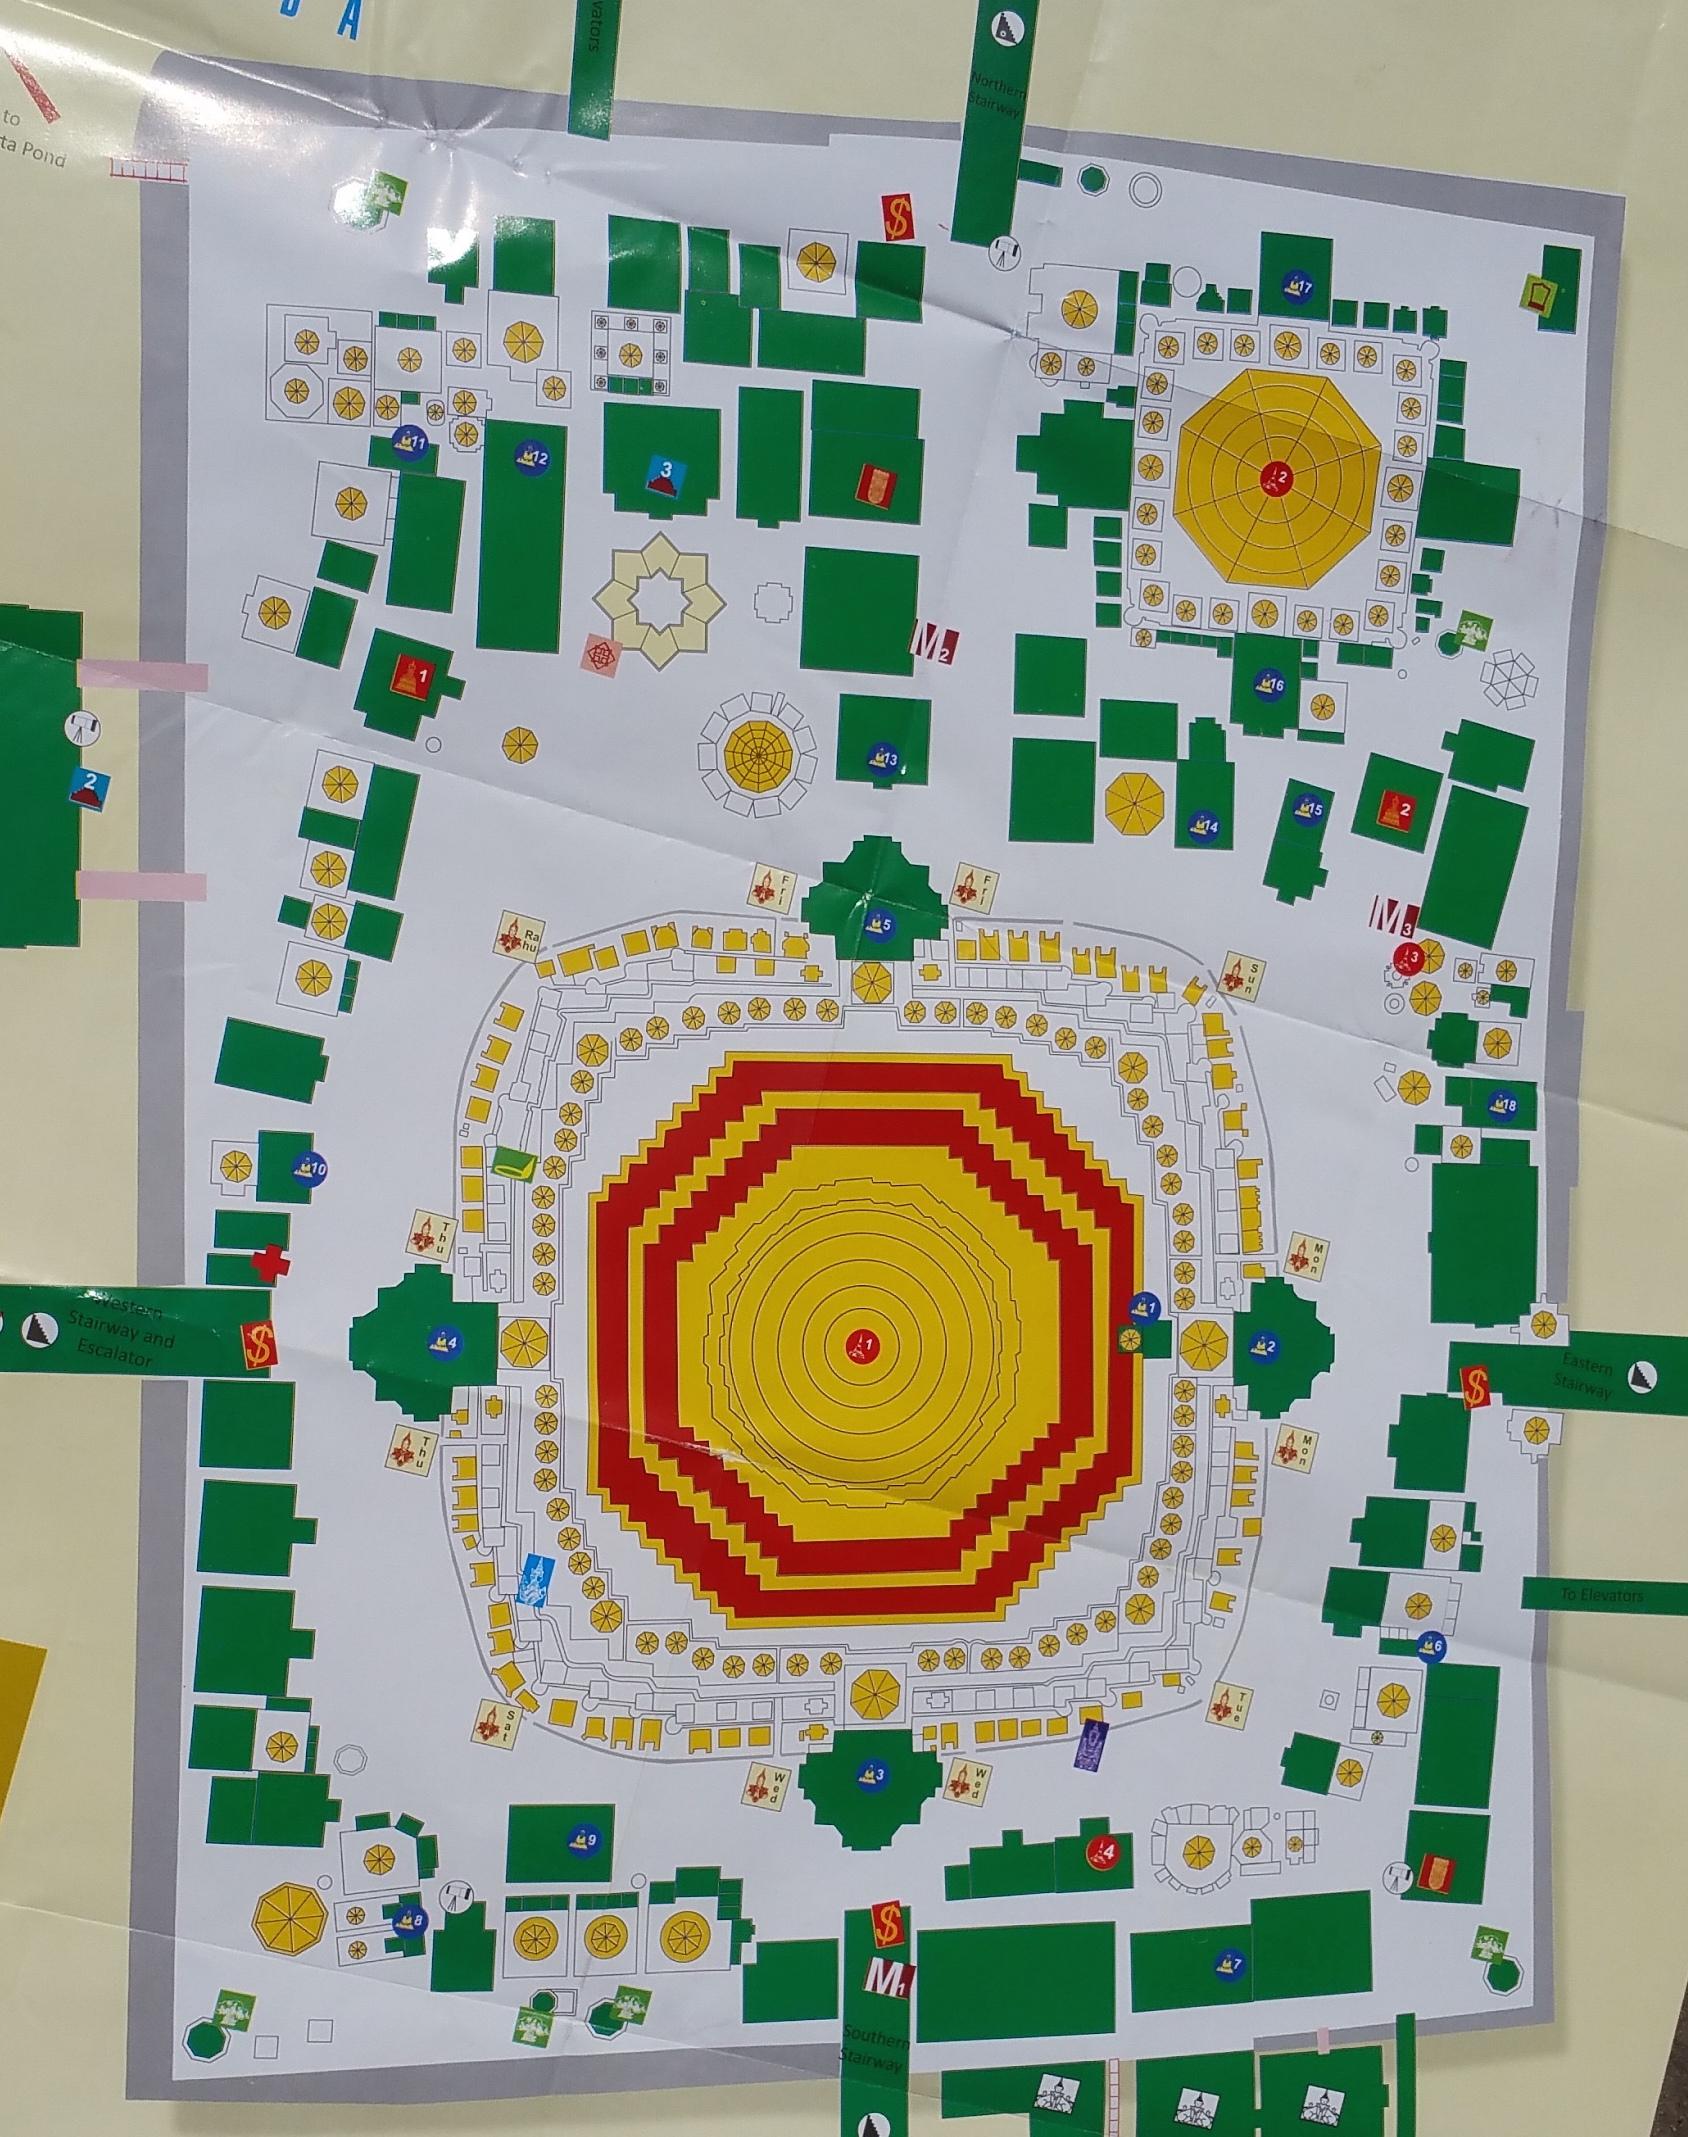 シュエダゴンパゴダ18のブッダ像の地図